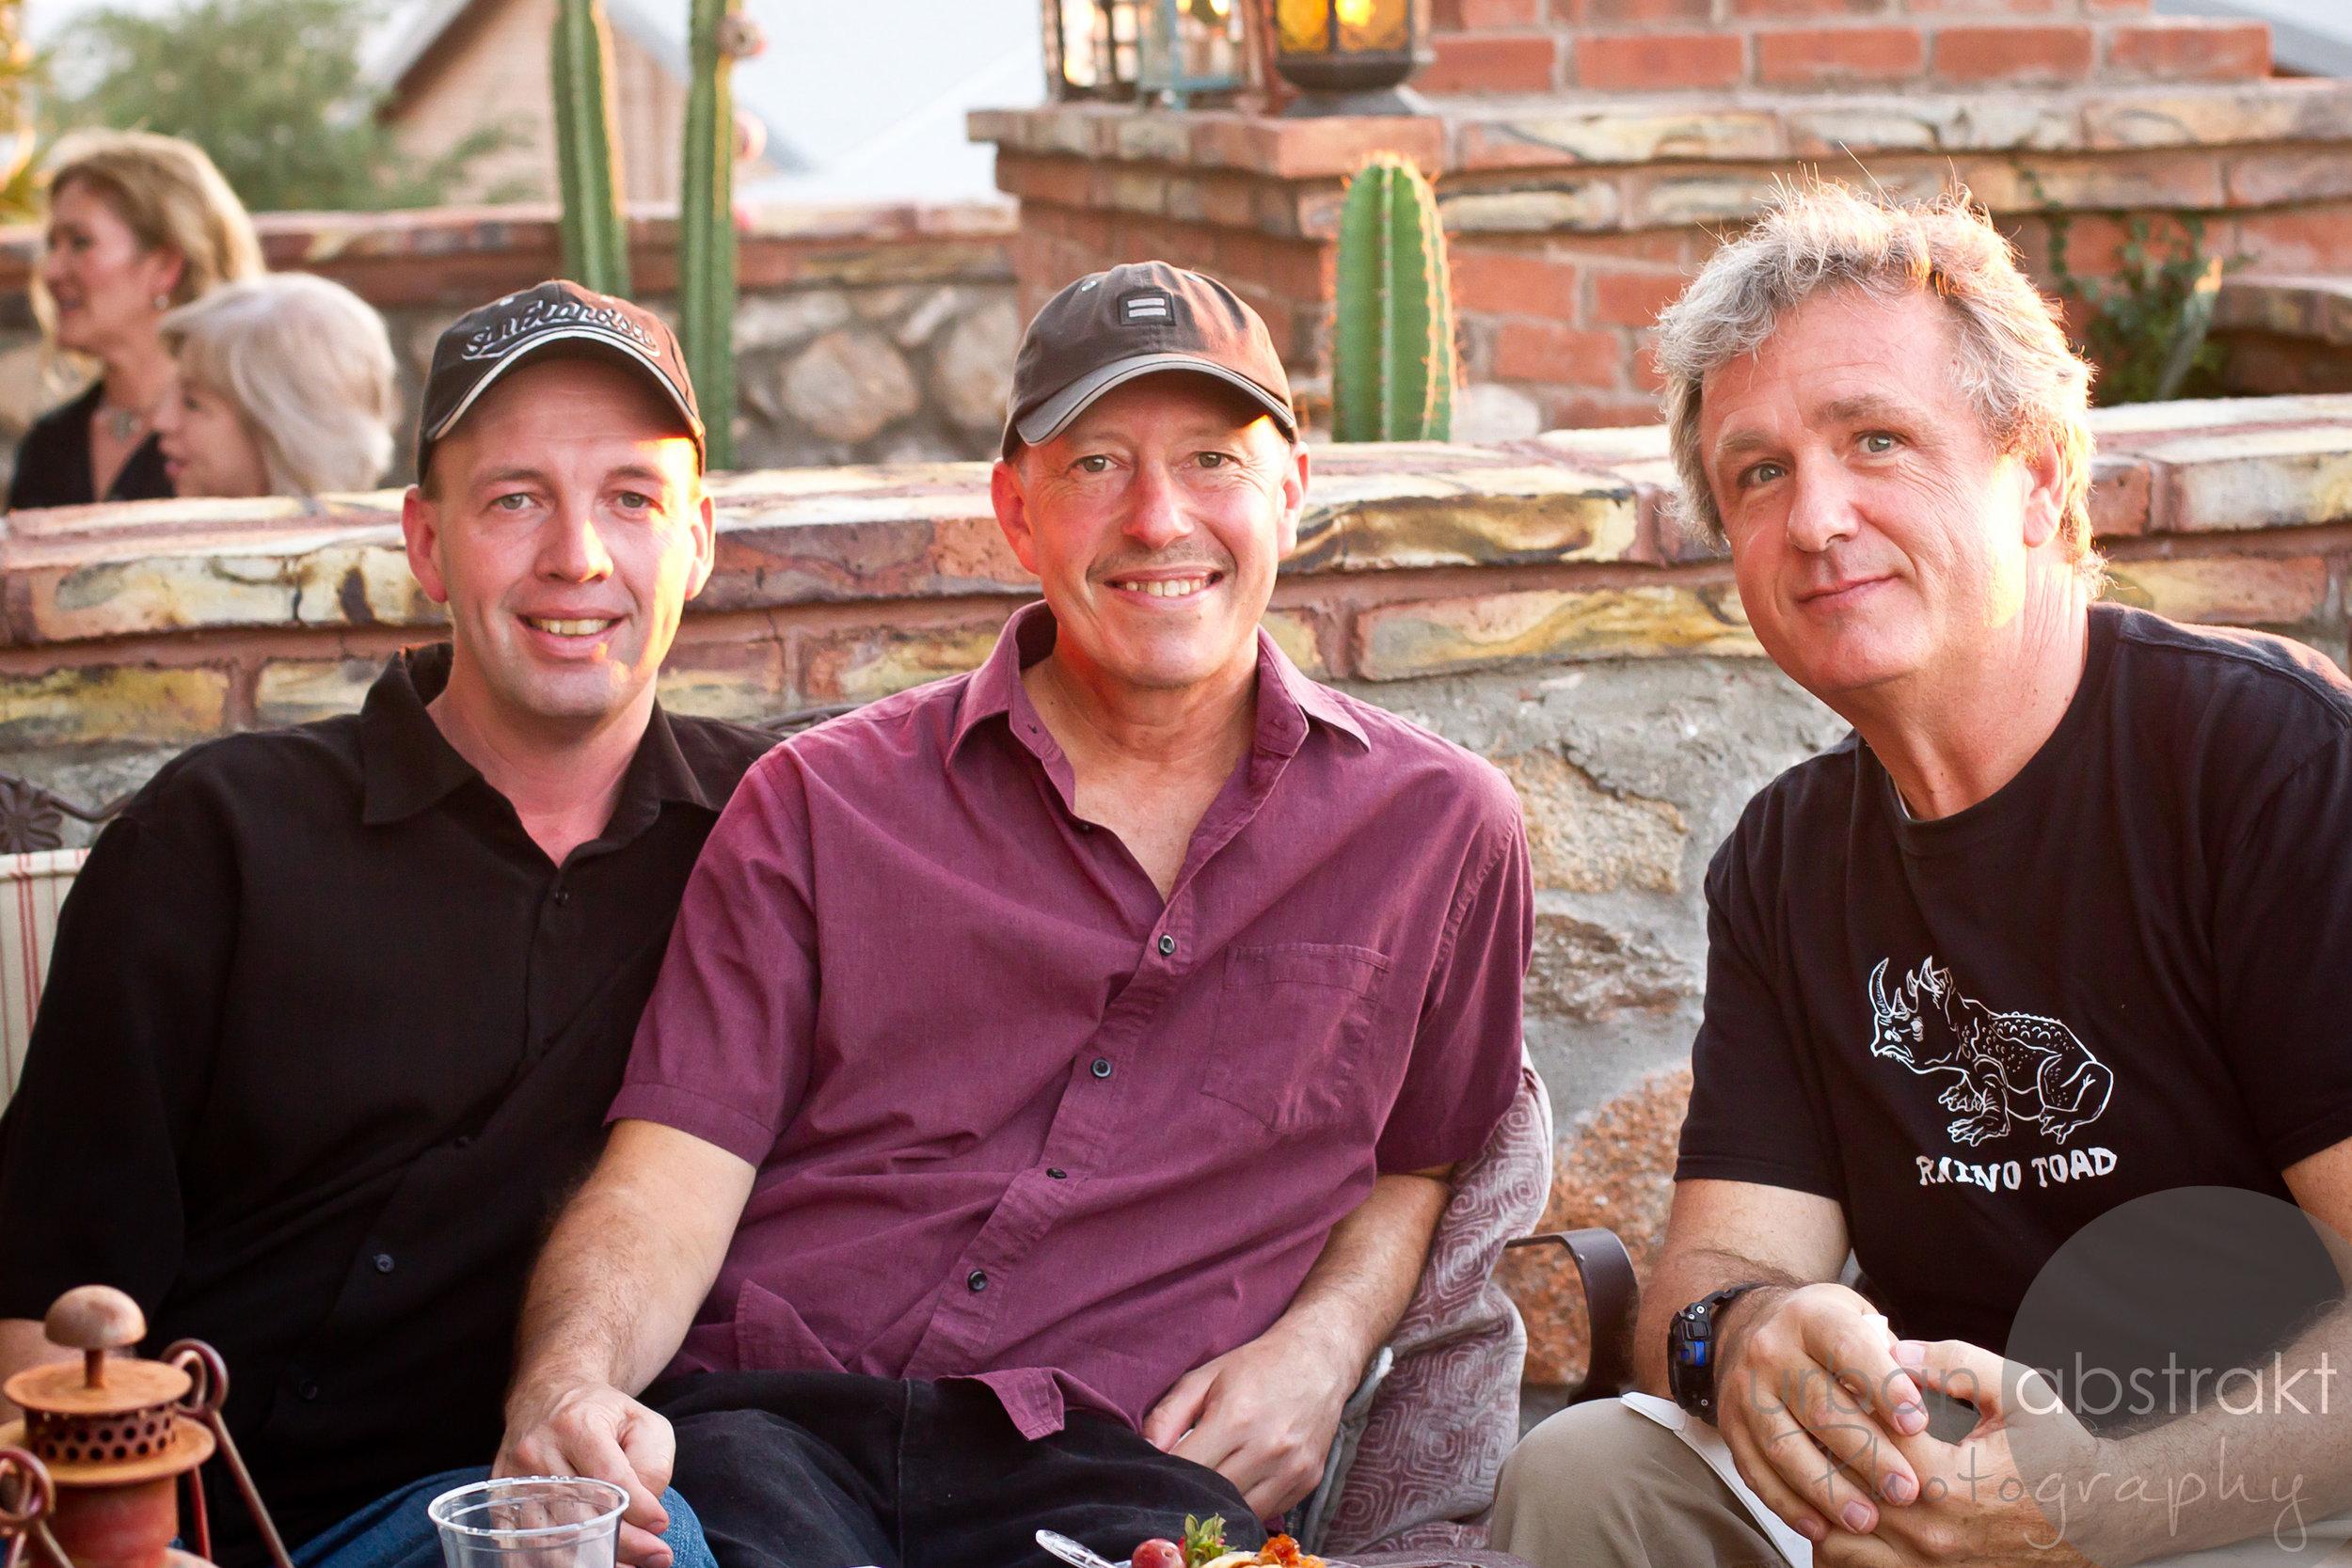 three people sitting image